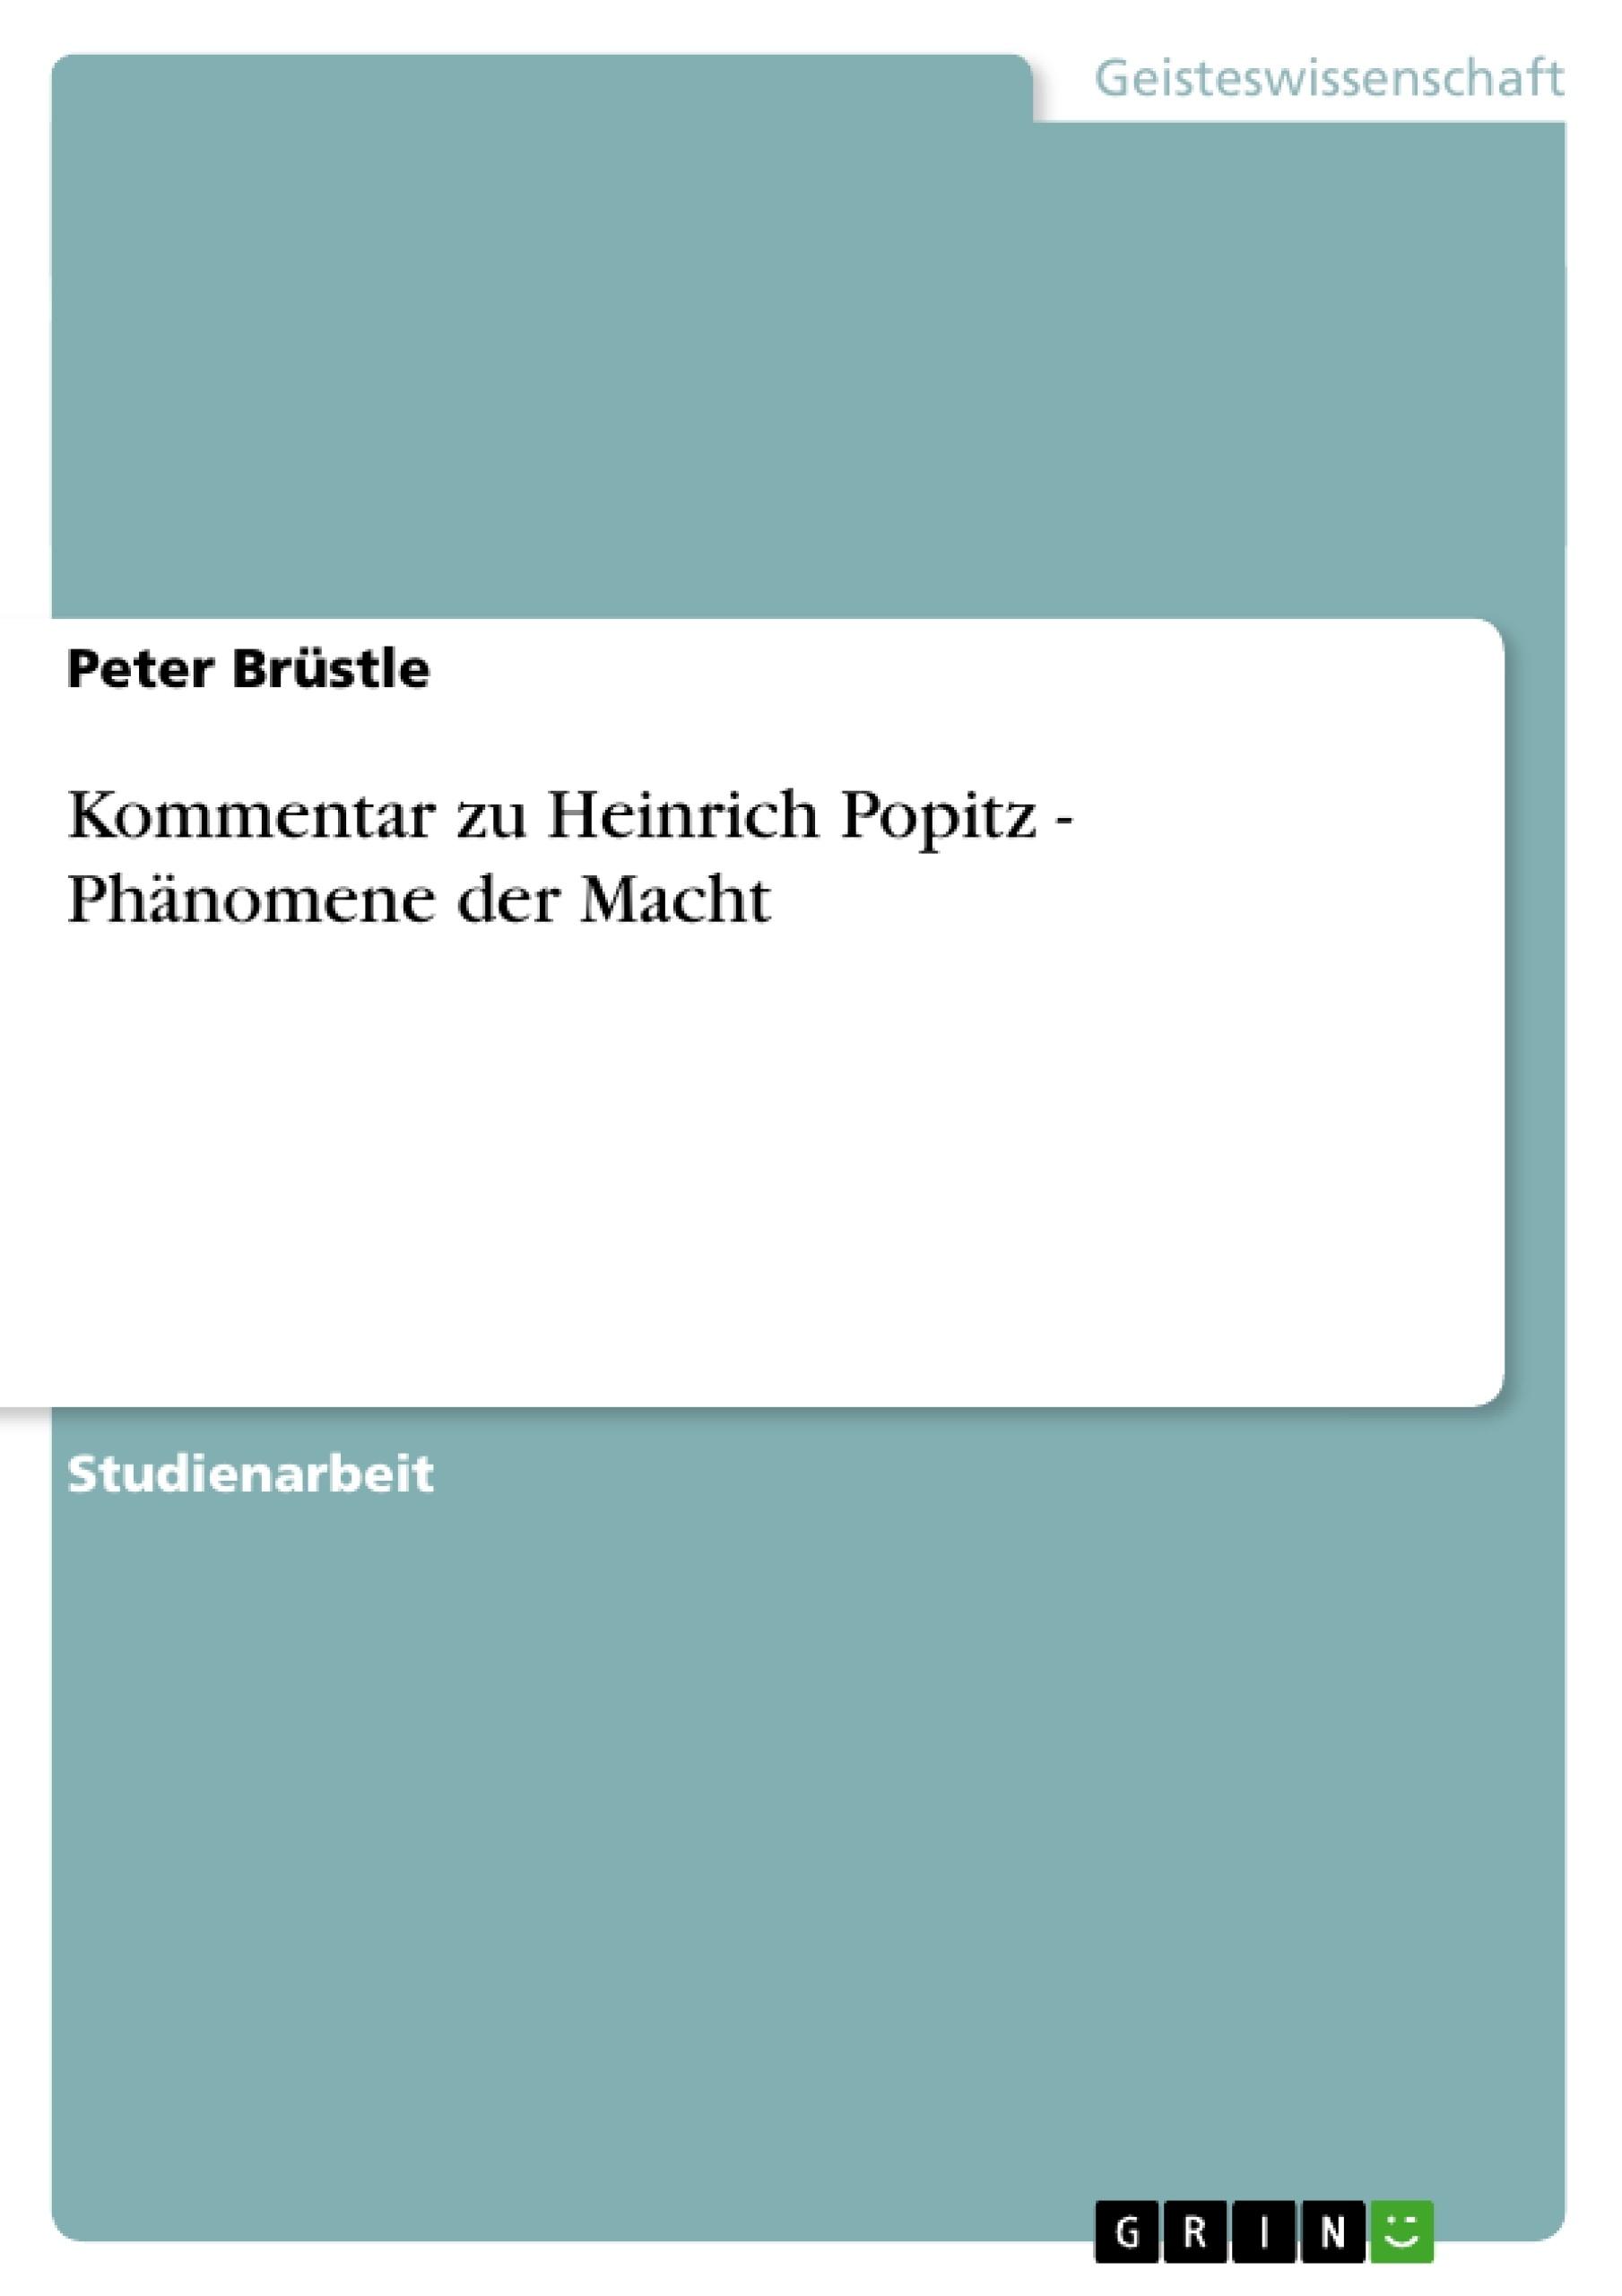 Titel: Kommentar zu Heinrich Popitz - Phänomene der Macht